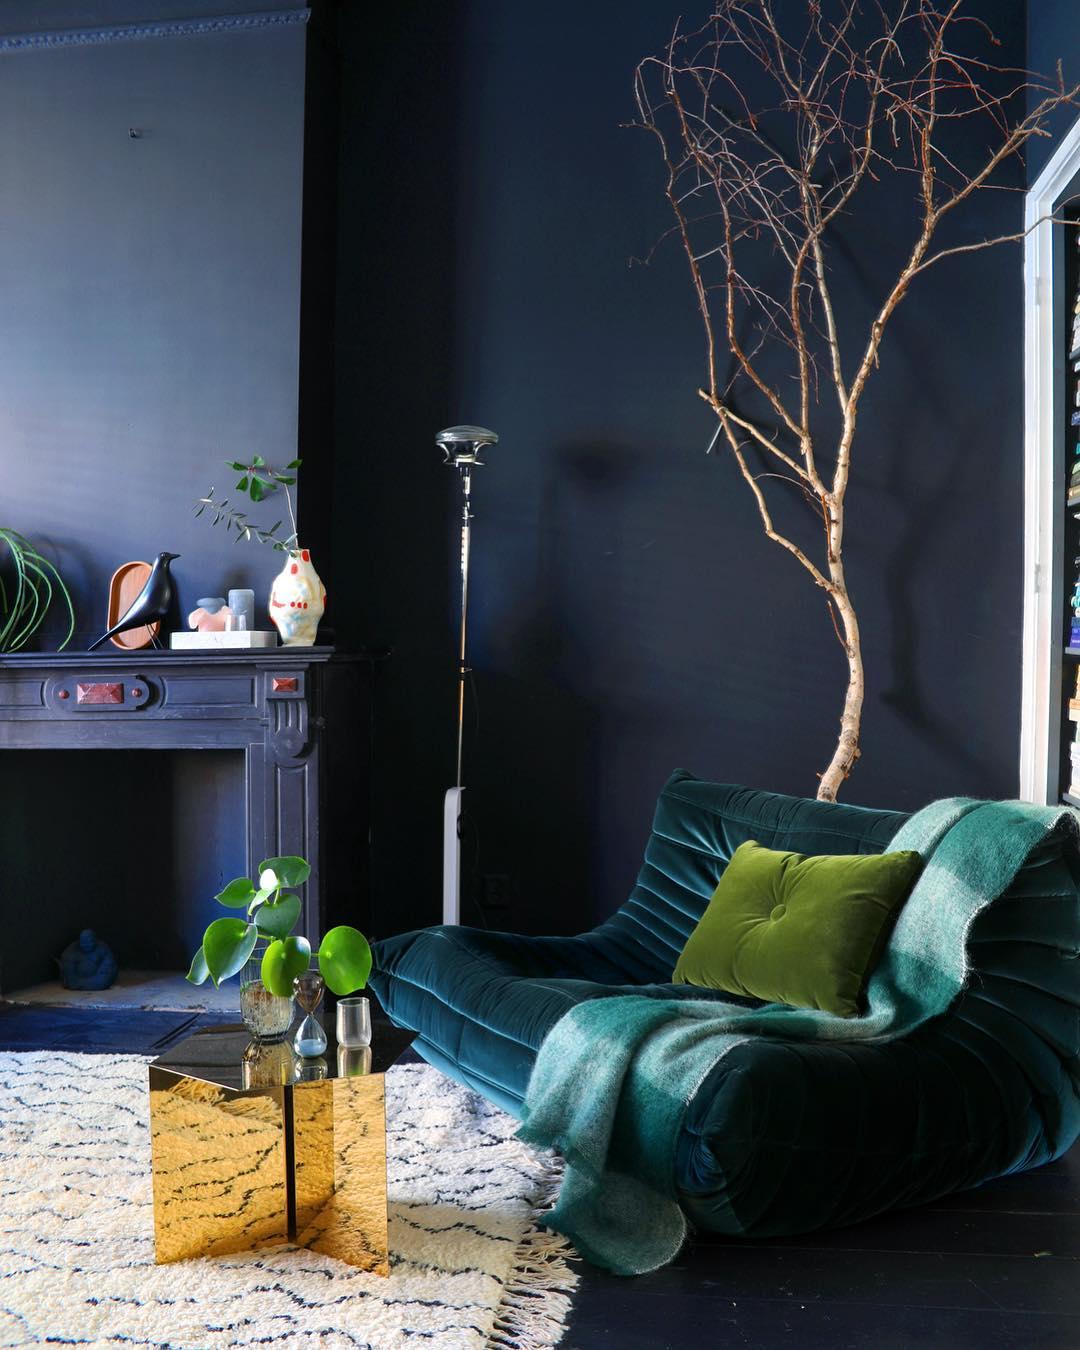 Théo Bert Pot style éclectique bleu nuit table basse doré togo - blog déco - clem around the corner